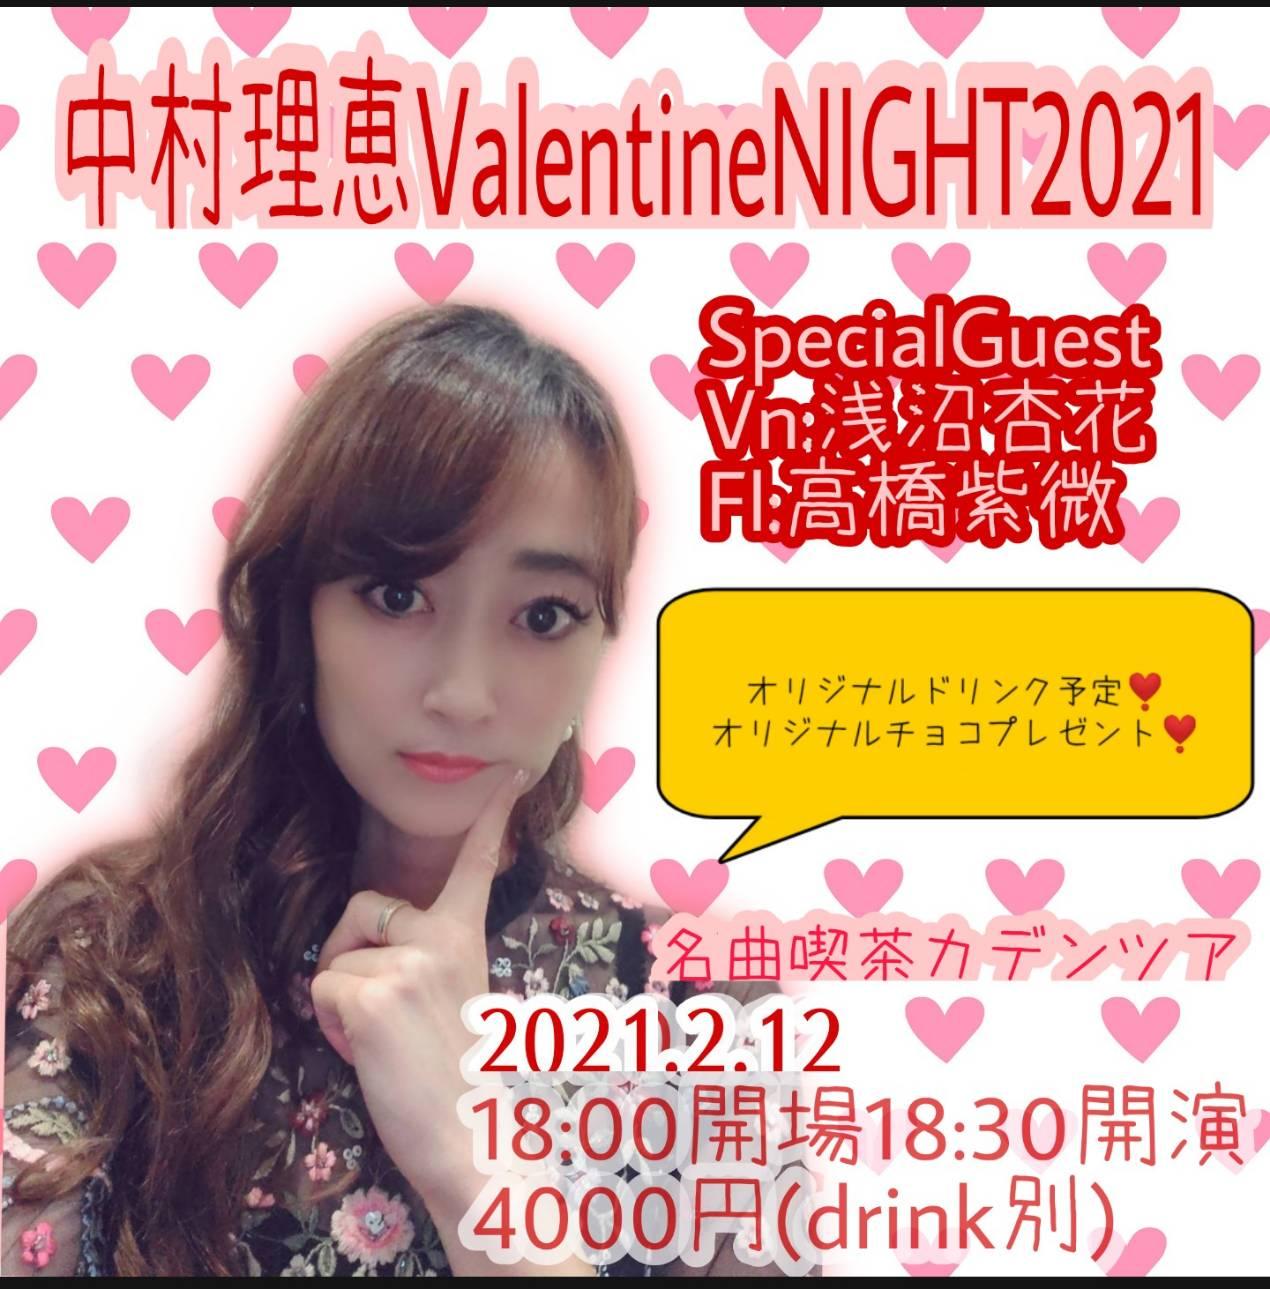 中村理恵バレンタインナイト2021